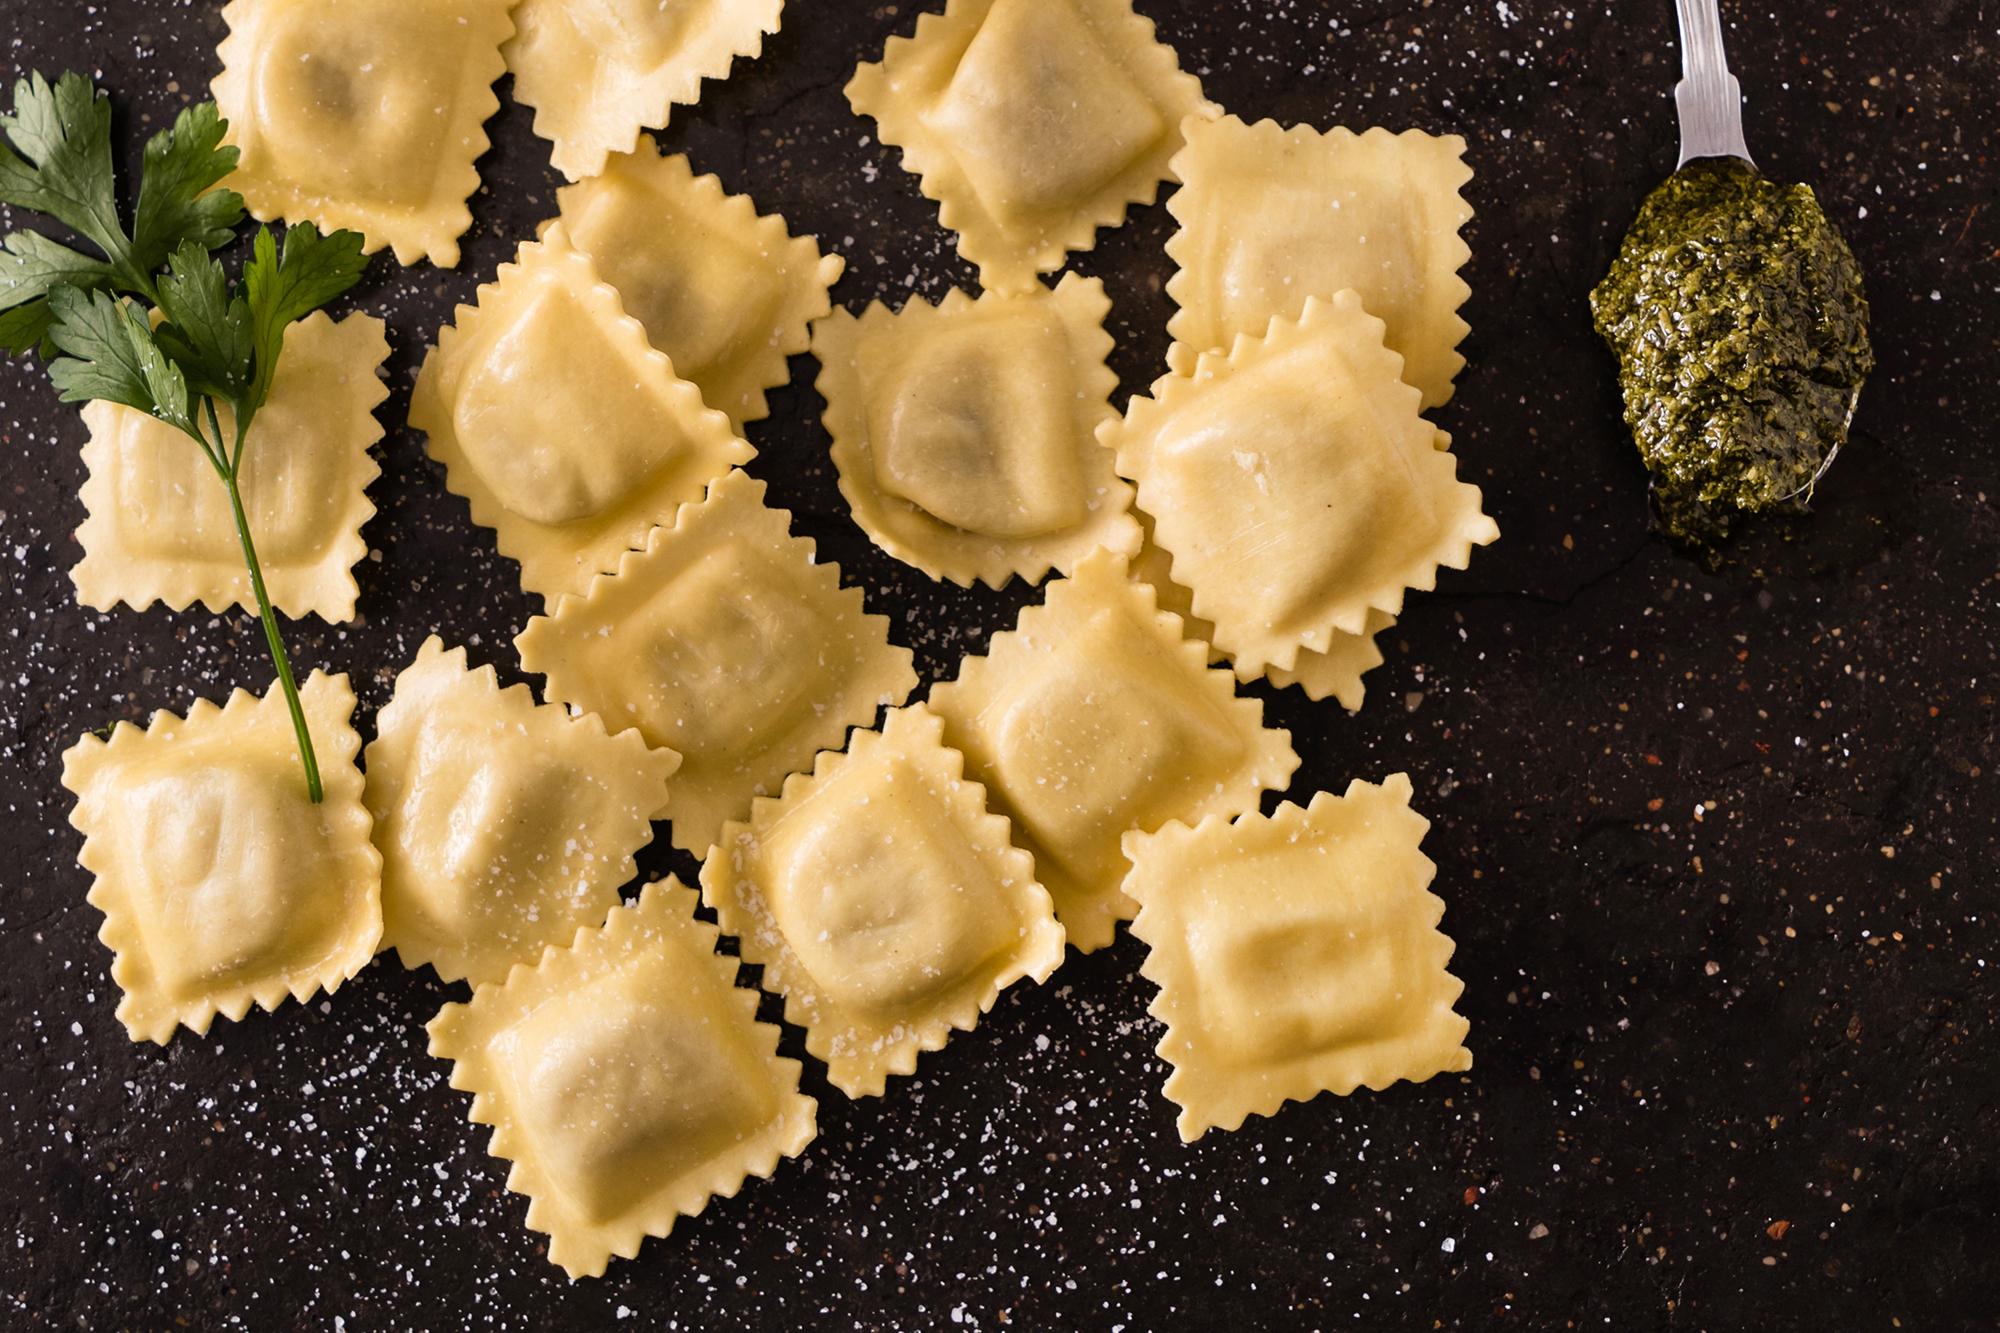 Lisukkeet - Tuotteita perunasta, riisistä ja pastasta